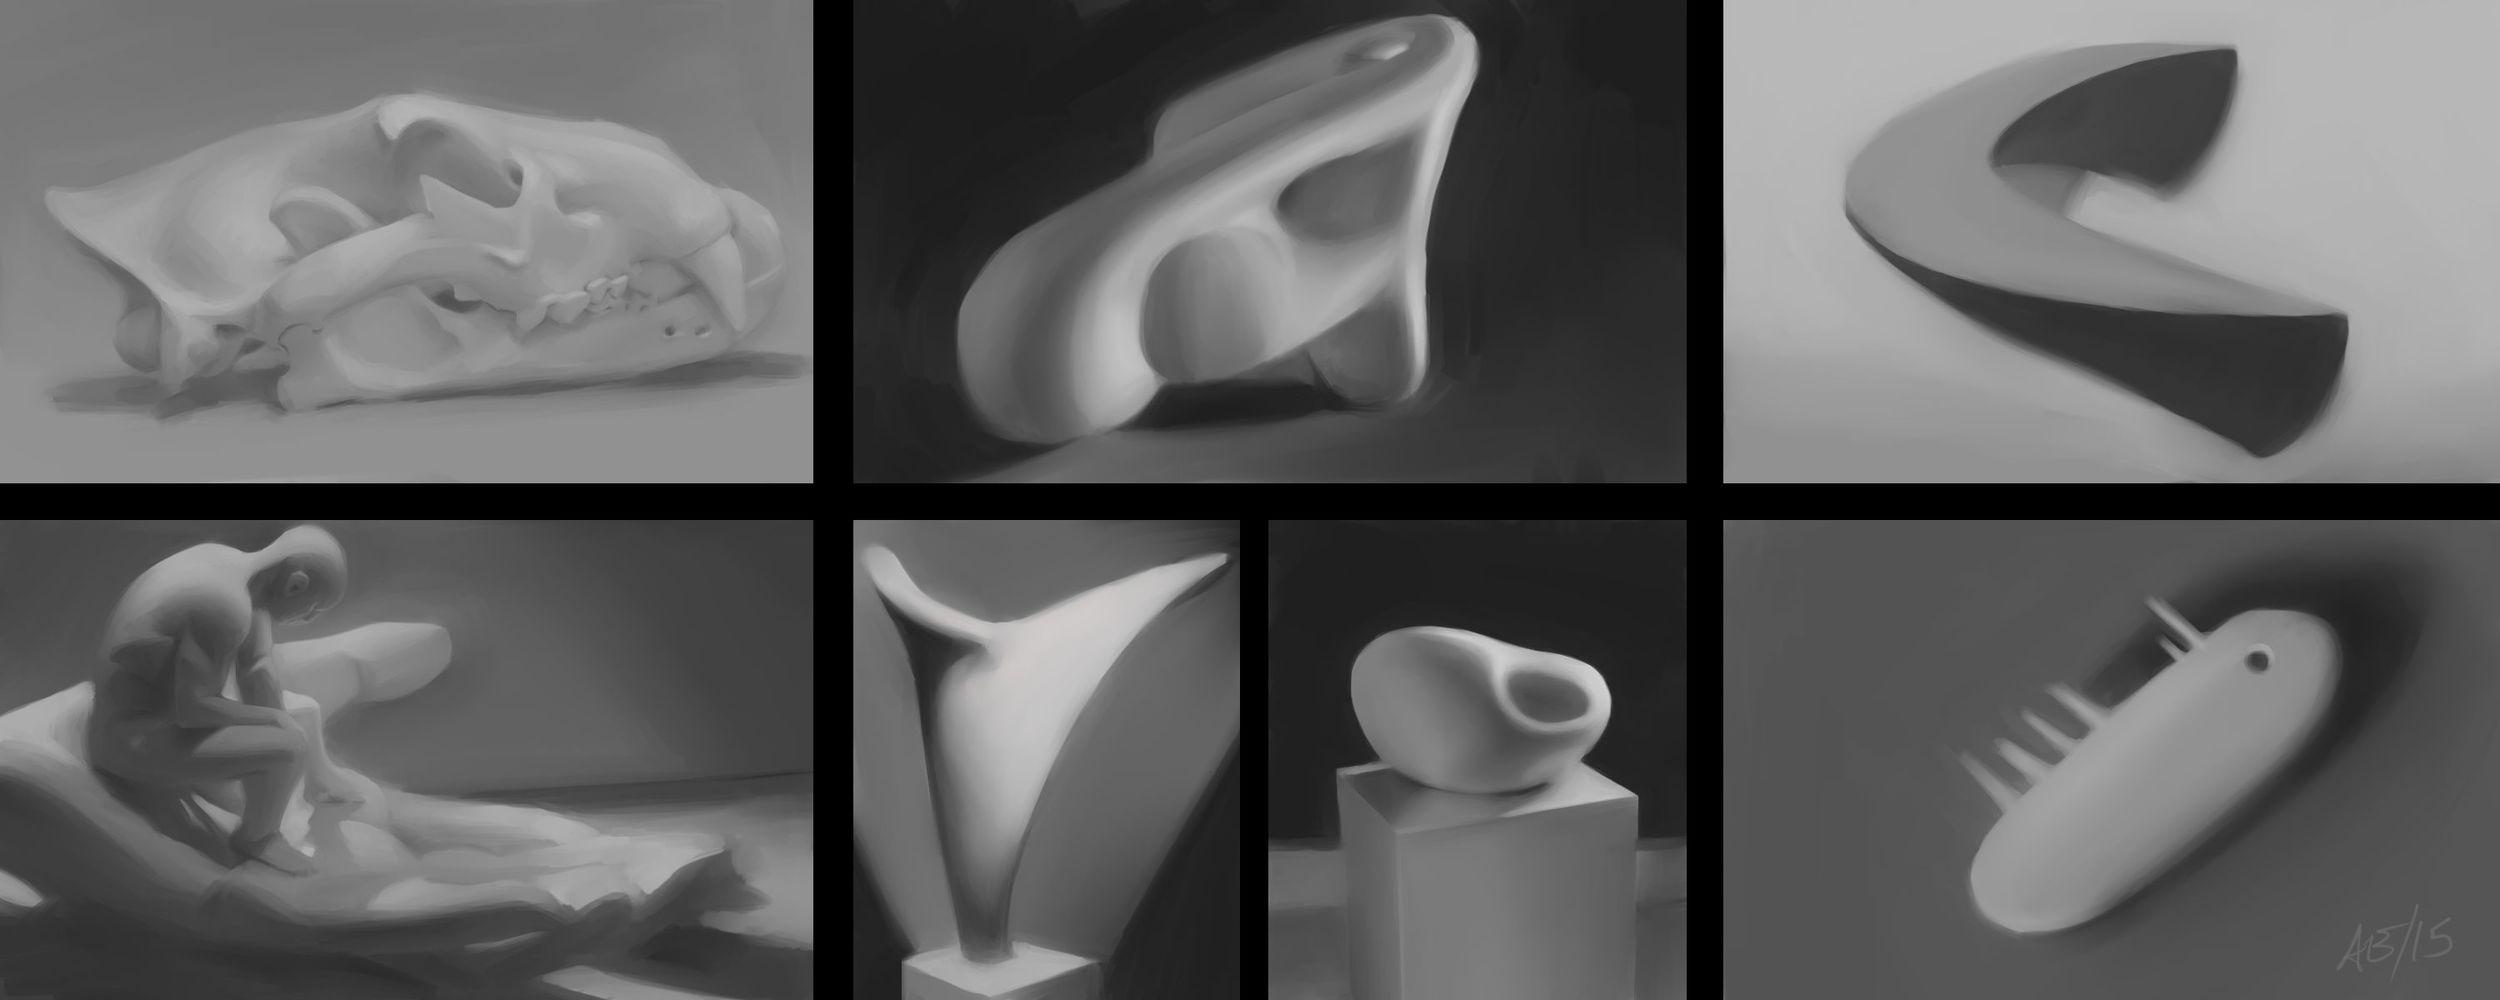 Sculptures 5